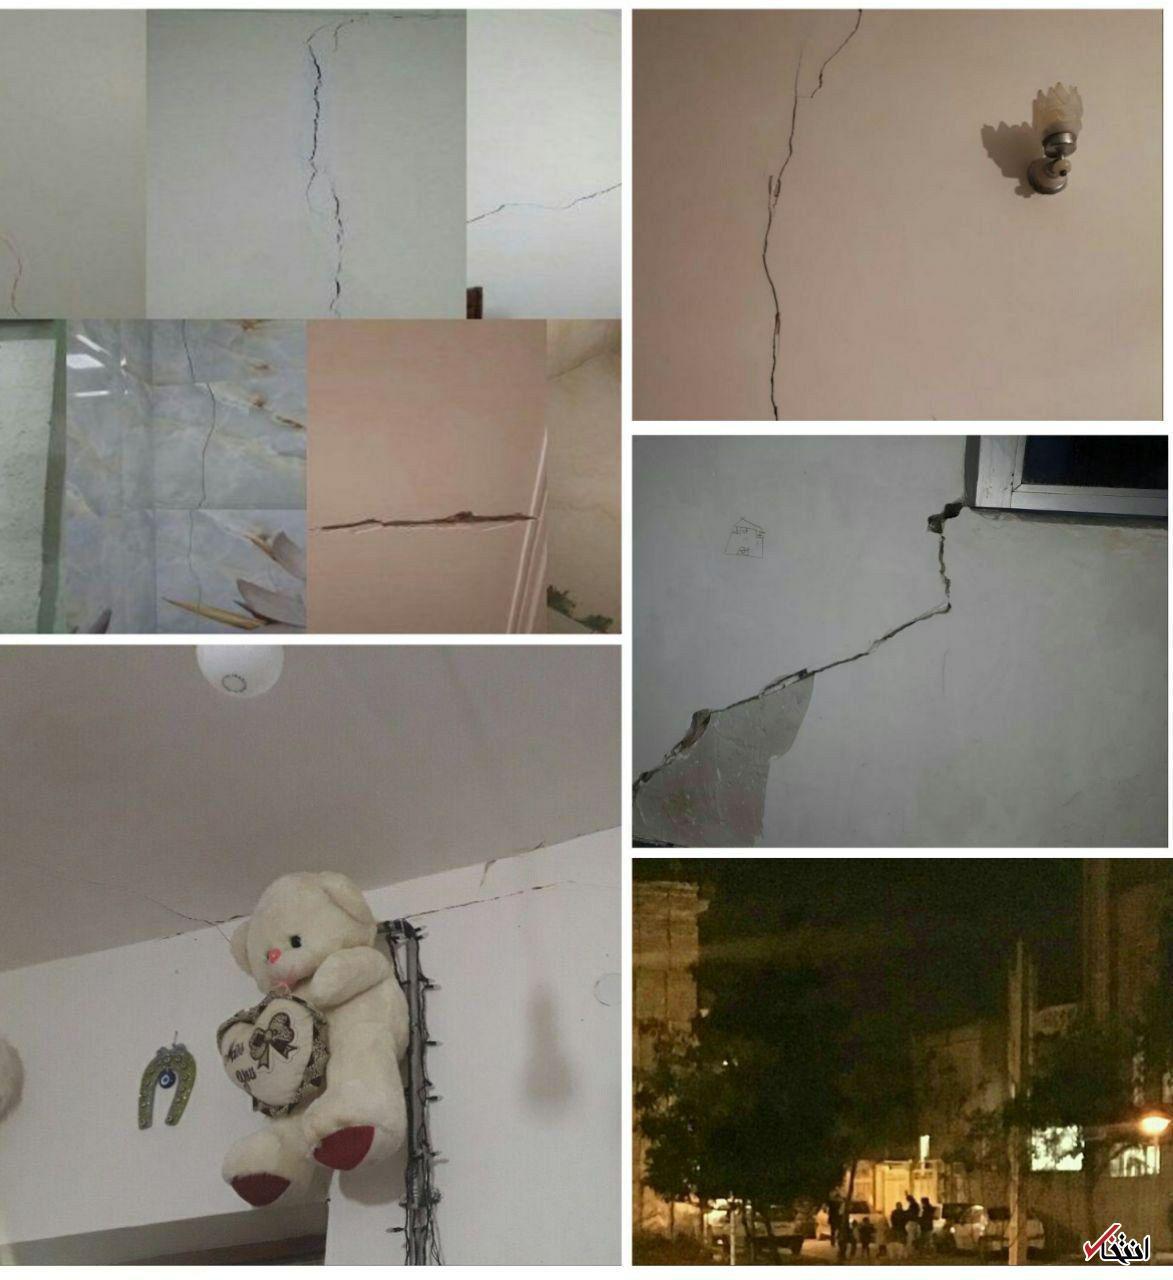 زلزله ۵.۴ ریشتری در مرز ایران و آذربایجان / مردم به خیابان ها ریختند / اورژانس: تاکنون هیچ خسارتی گزارش نشده است